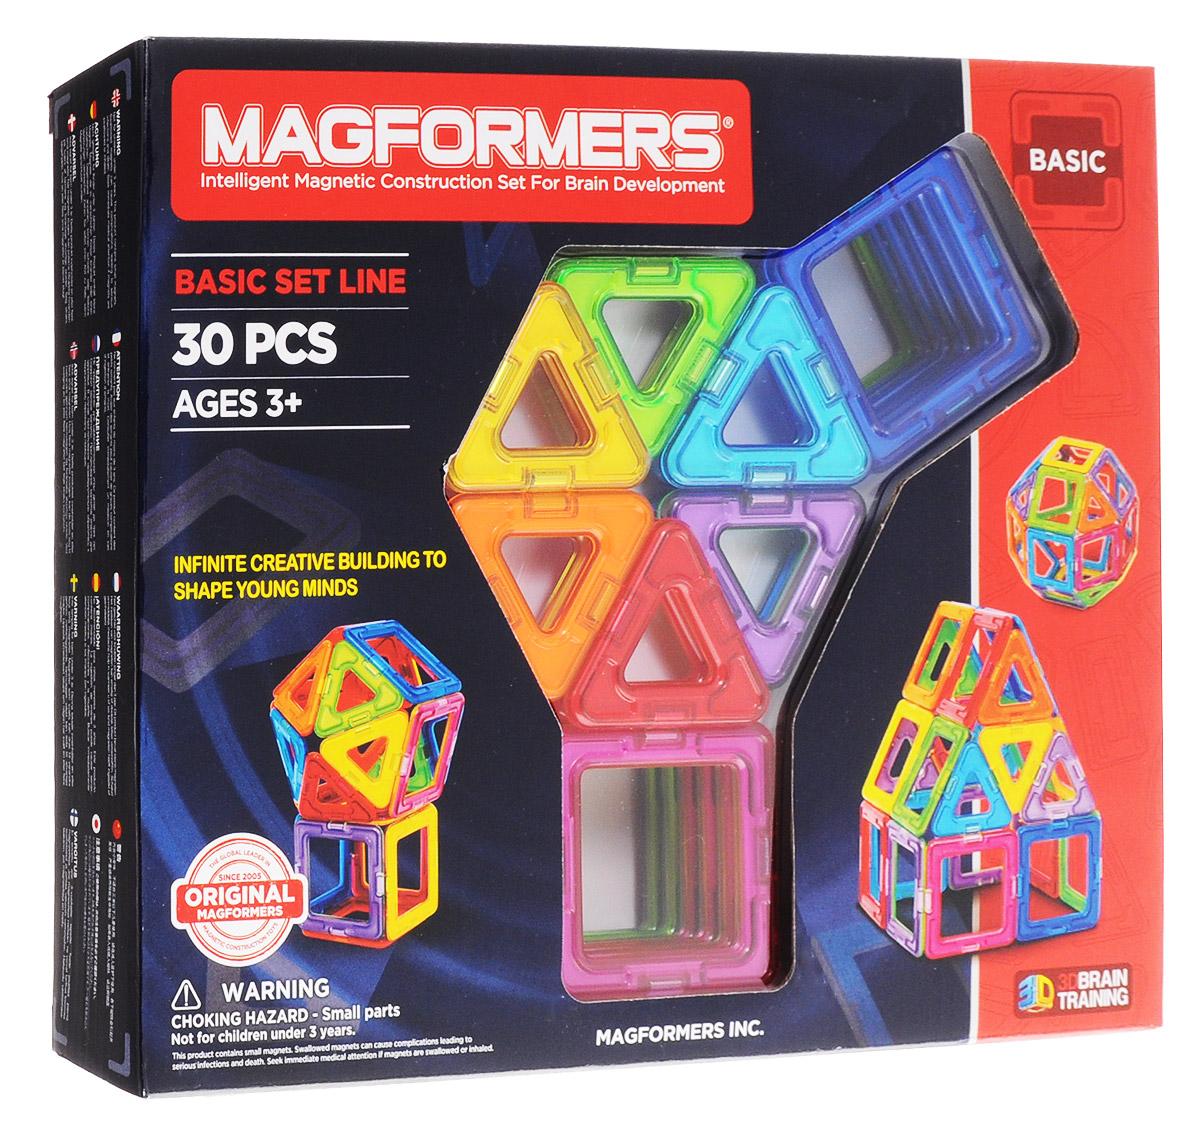 Magformers Магнитный конструктор Rainbow63076/701005Магнитный конструктор Magformers Rainbow не содержит мелких деталей, что делает его абсолютно безопасным. А в этом наборе вы найдёте все цвета радуги, как вы уже поняли из названия. Конструктор подходит детям с трех лет. В комплект входит 30 деталей - это квадраты и треугольники. Количество элементов позволяет собирать довольно сложные постройки - домики, небольшие замки, волшебный шар, очень любимый всеми детьми и ещё много всего. Мальчишки могут создать ракету или гараж, девчонкам будет интересно попробовать себя в качестве творца, например, кроватки для своей любимой куклы или необычной дизайнерской сумочки. Каждый может почувствовать себя модельером и придумать необычный головной убор, будь то смешная шапка, шлем или пионерская пилотка. Набор идеально для этого подойдет - все детали разноцветные и их количества абсолютно точно хватит для того, чтобы проявить фантазию. Все детали этого набора совместимы с другими наборами Magformers, что позволяет...